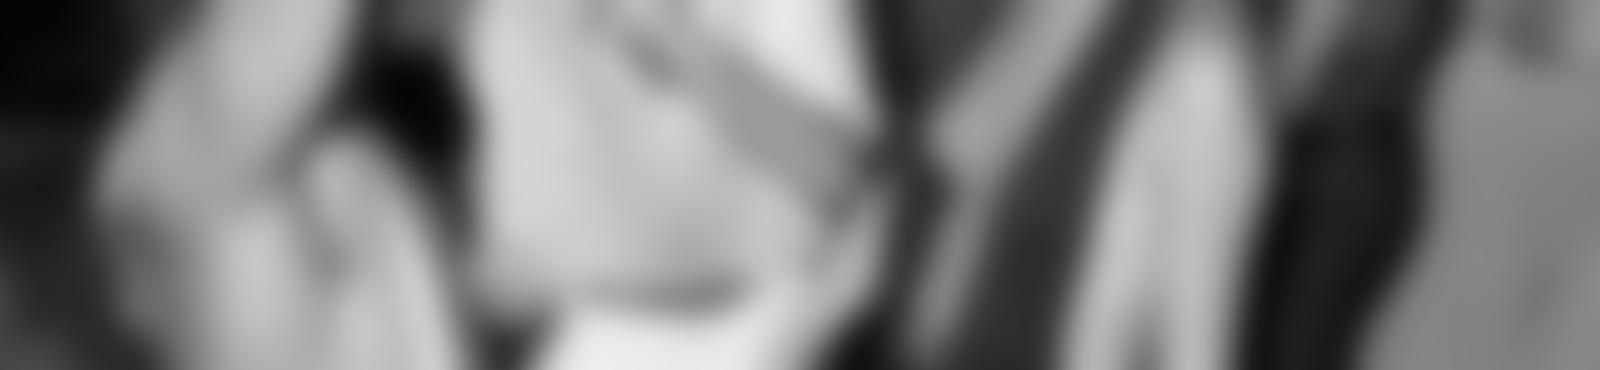 Blurred b838f993 7eb3 44cb b923 512e439eaaa0